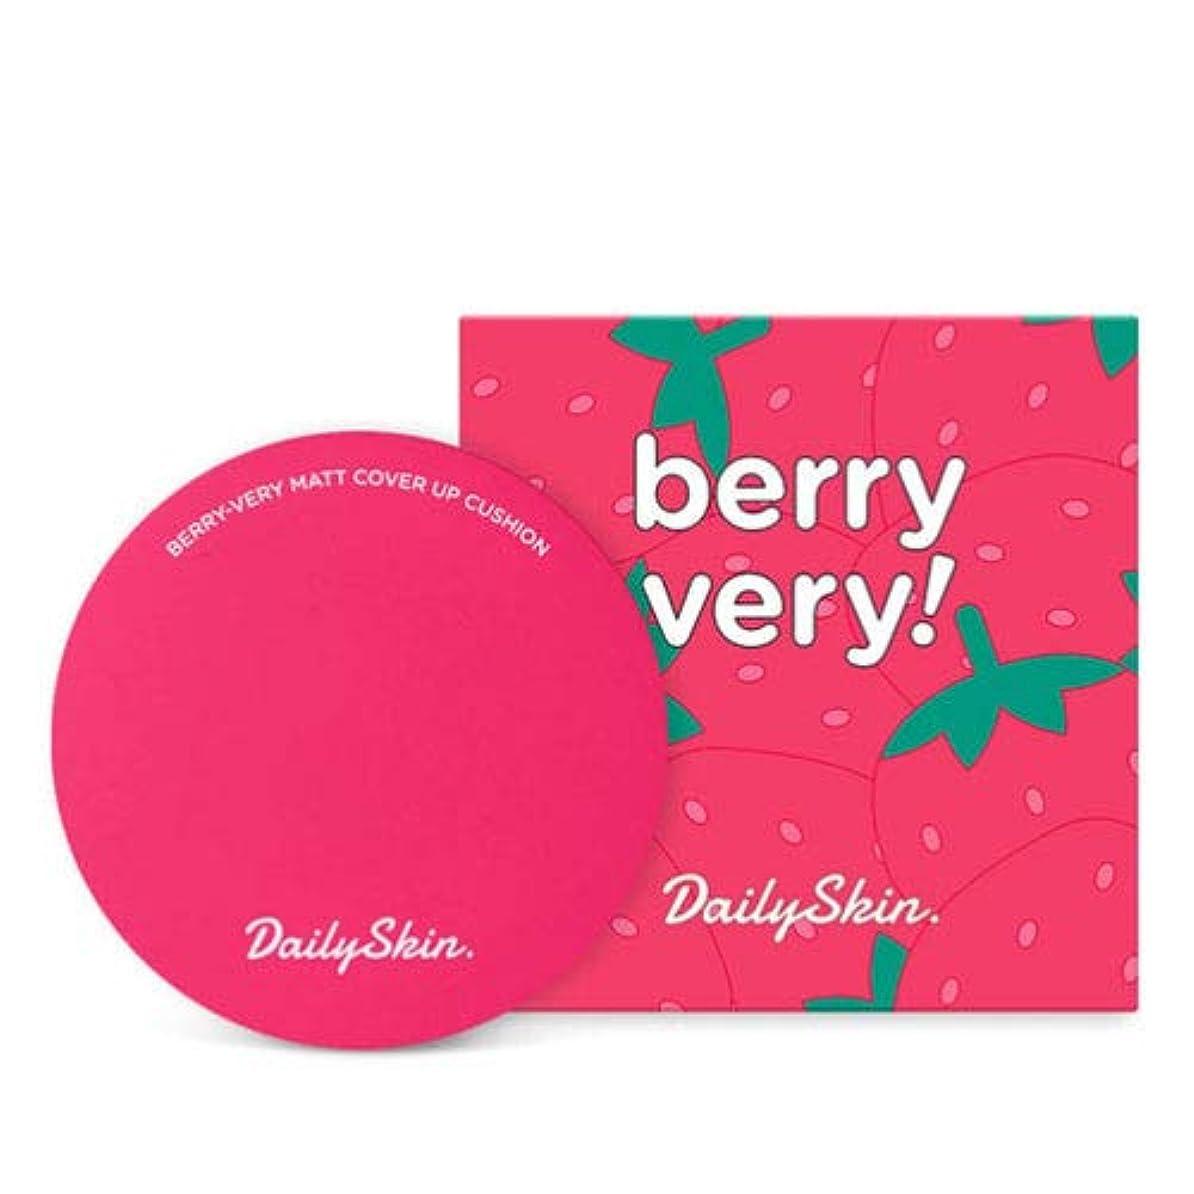 肥沃な引き出す道を作るDaily Skin Berry Very Matt Cover Up Cushion (No.23 Berry Natural) ]デイリースキン いちごマット カバー アップ クッション [並行輸入品]